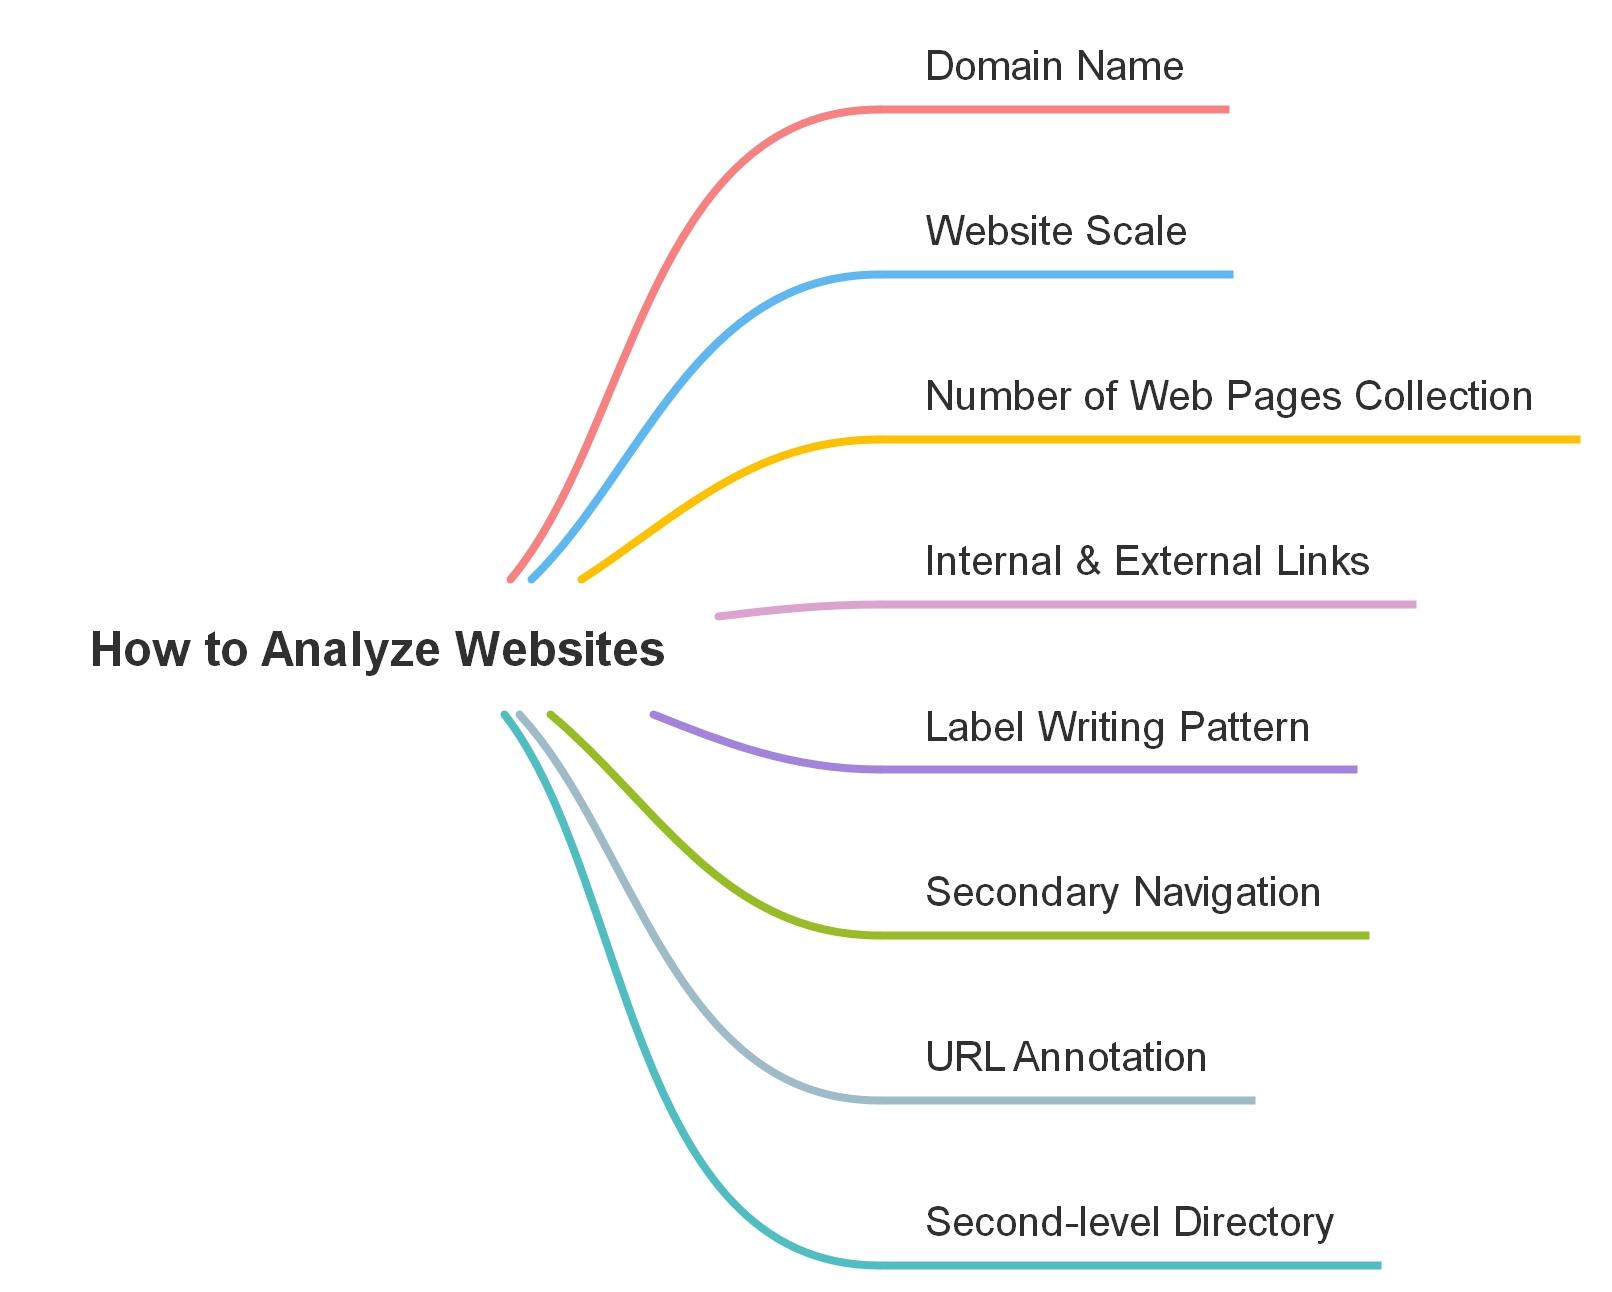 How to Analyze Websites